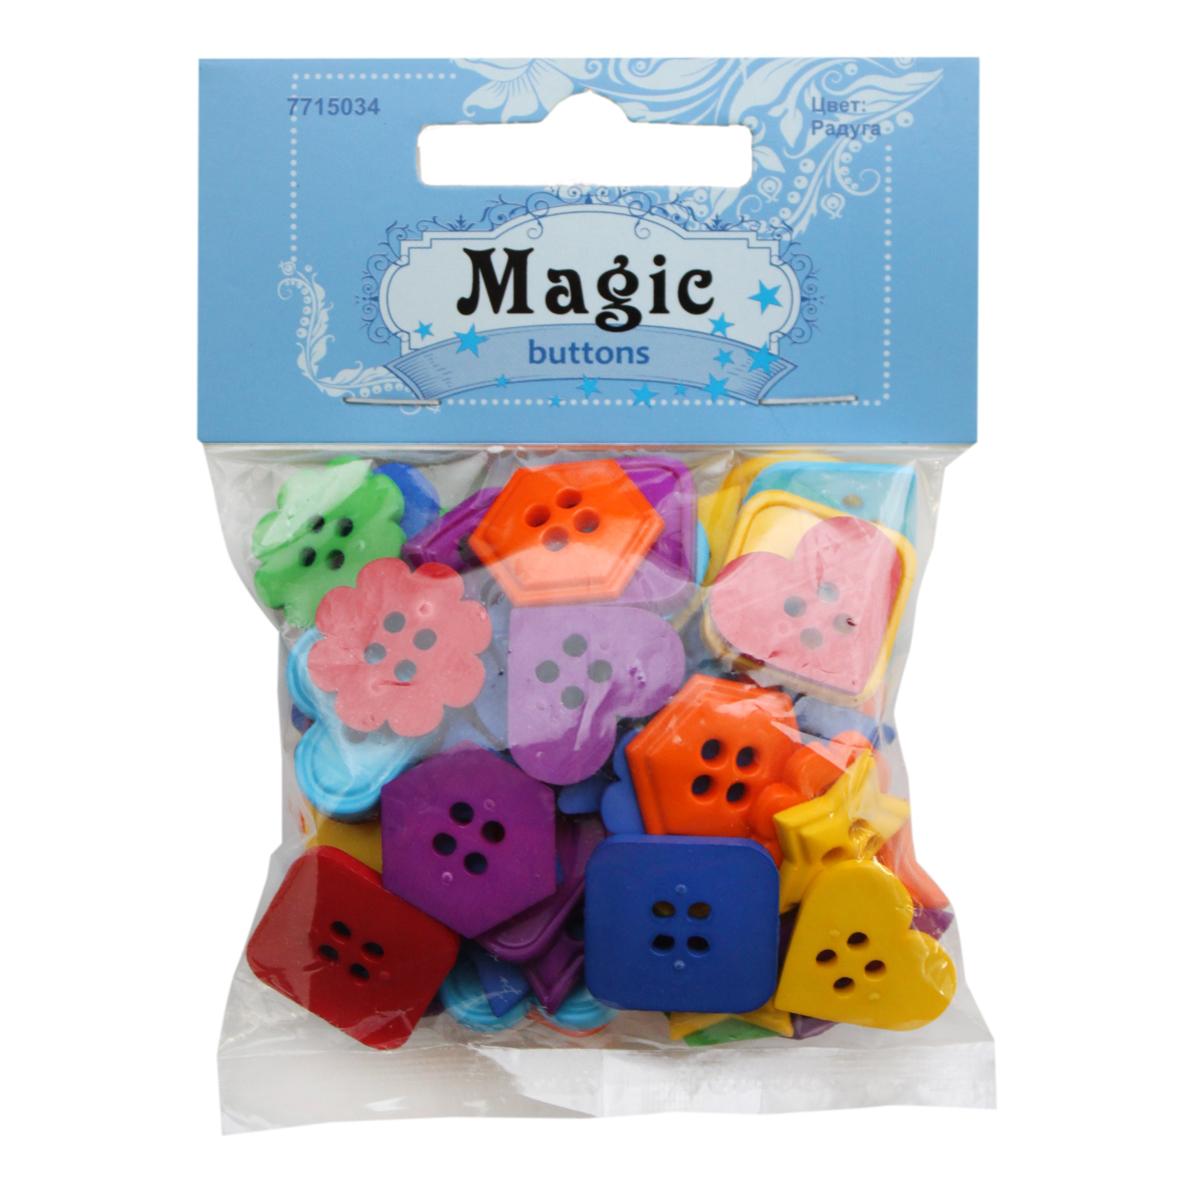 Пуговицы декоративные Magic Buttons Геометрия. Радуга, 30 г7715034_РадугаЯркие и красочные пуговицы Magic Buttons станут прекрасным дополнением к любому образу. Пуговицы выполнены в разных цветовых вариантах и формах.